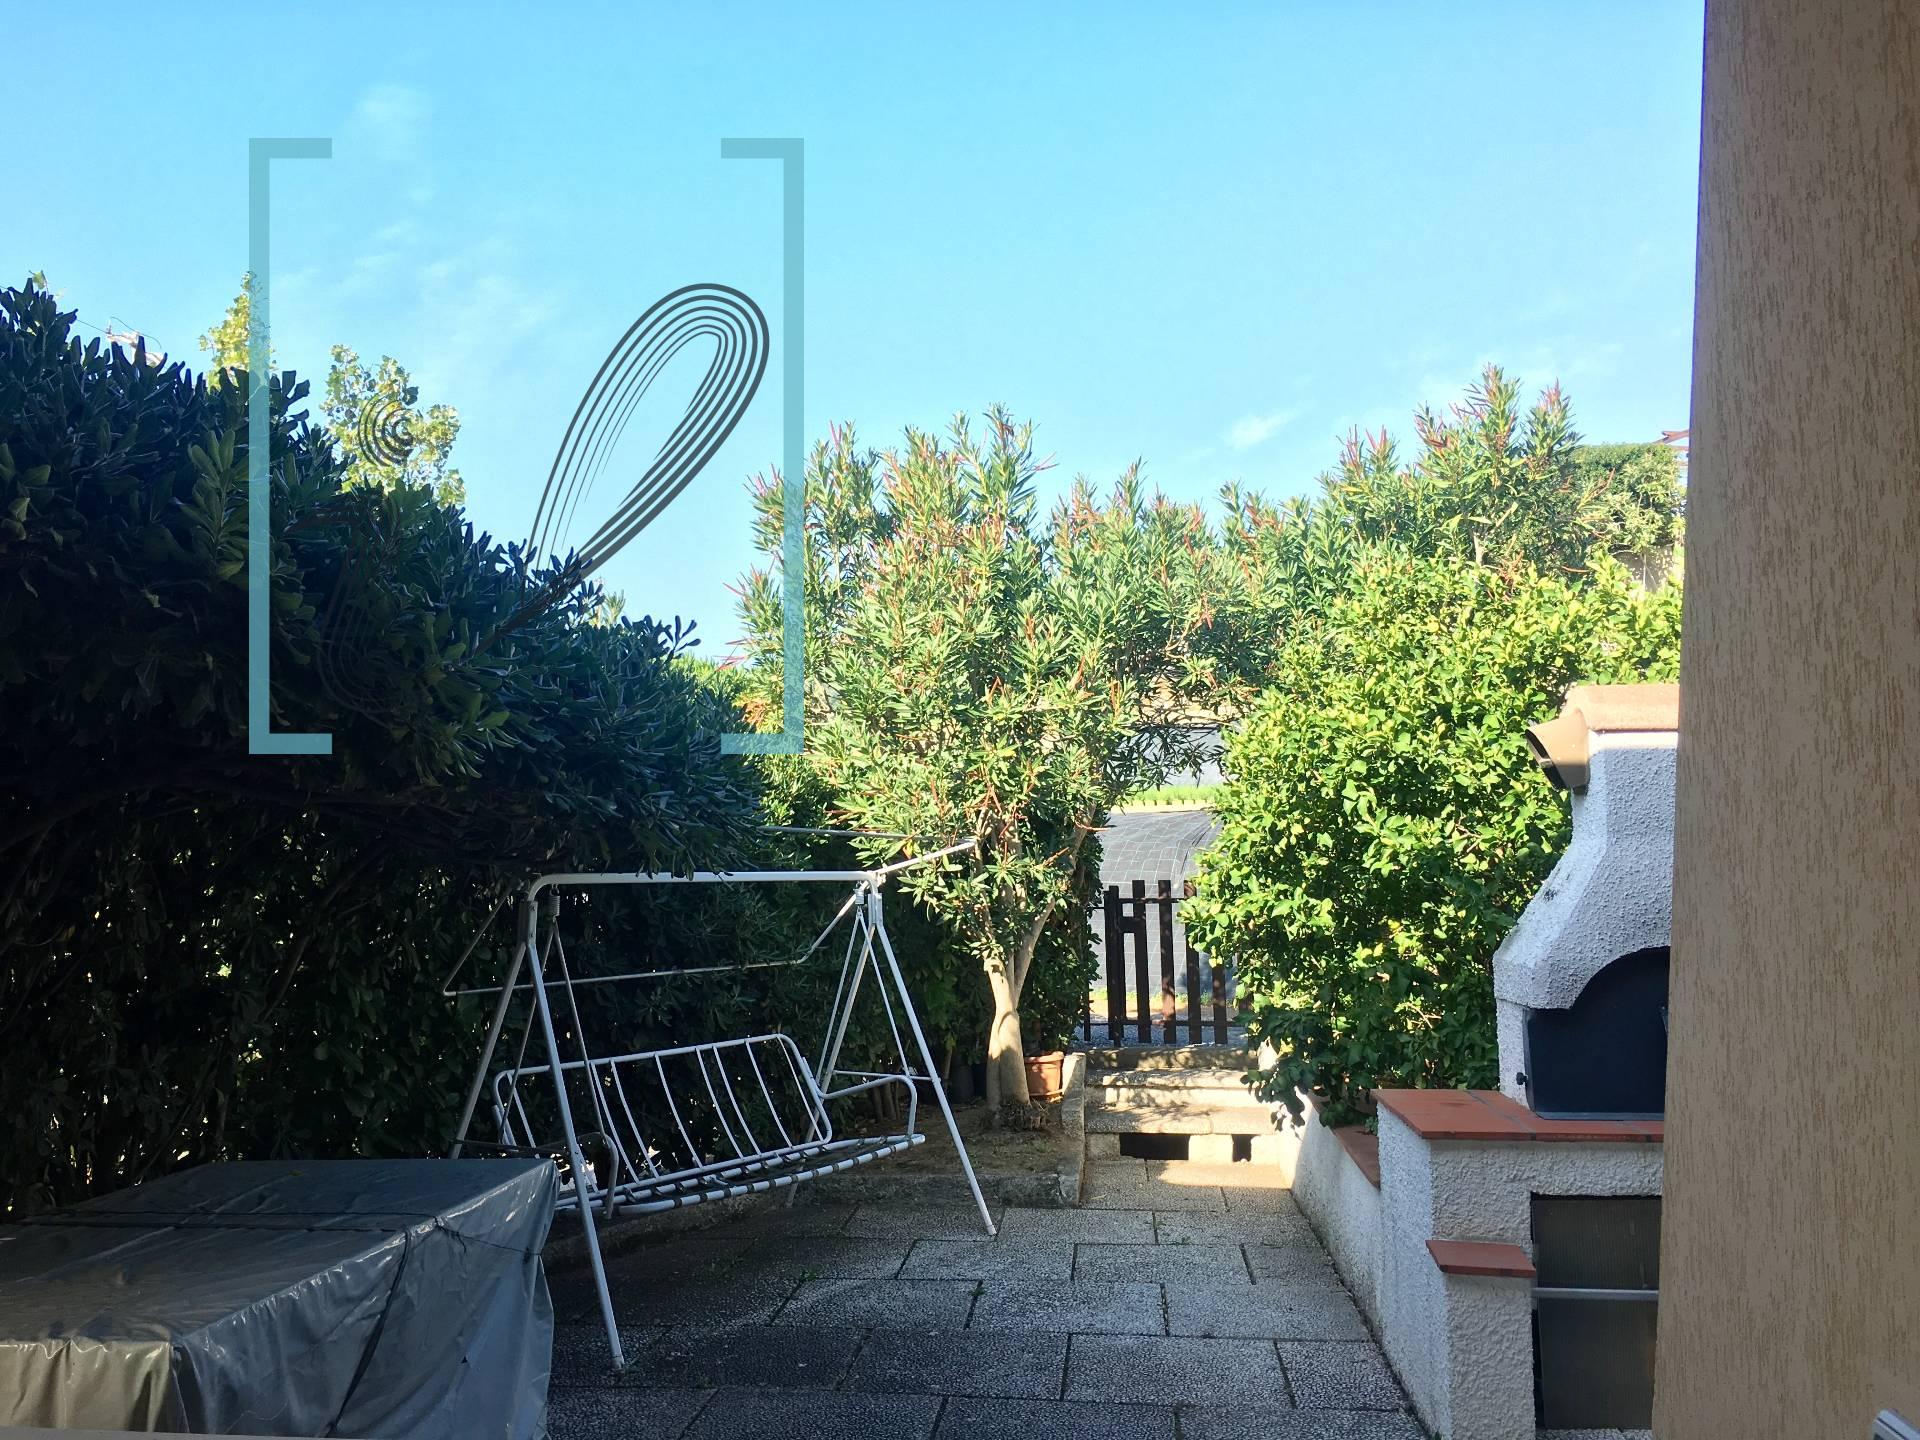 Appartamento in vendita a Cisano sul Neva, 2 locali, zona Località: Cenesi, prezzo € 145.000 | CambioCasa.it